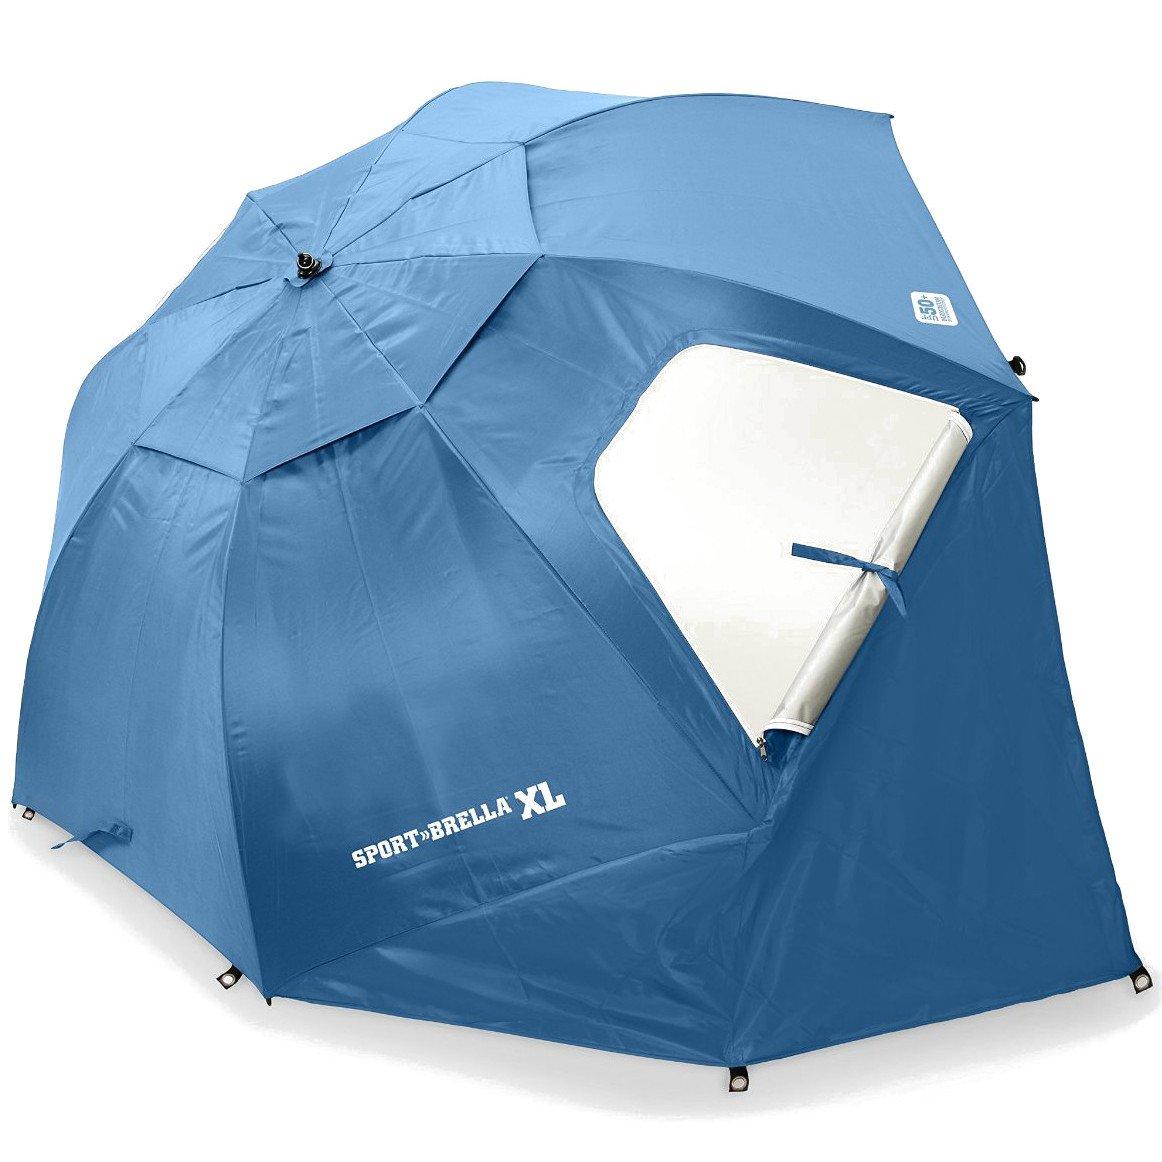 【並行輸入品】Sport-Brella XL サンシェード パラソル- Portable Sun and Weather Shelter Blue   B003DJ4FEM